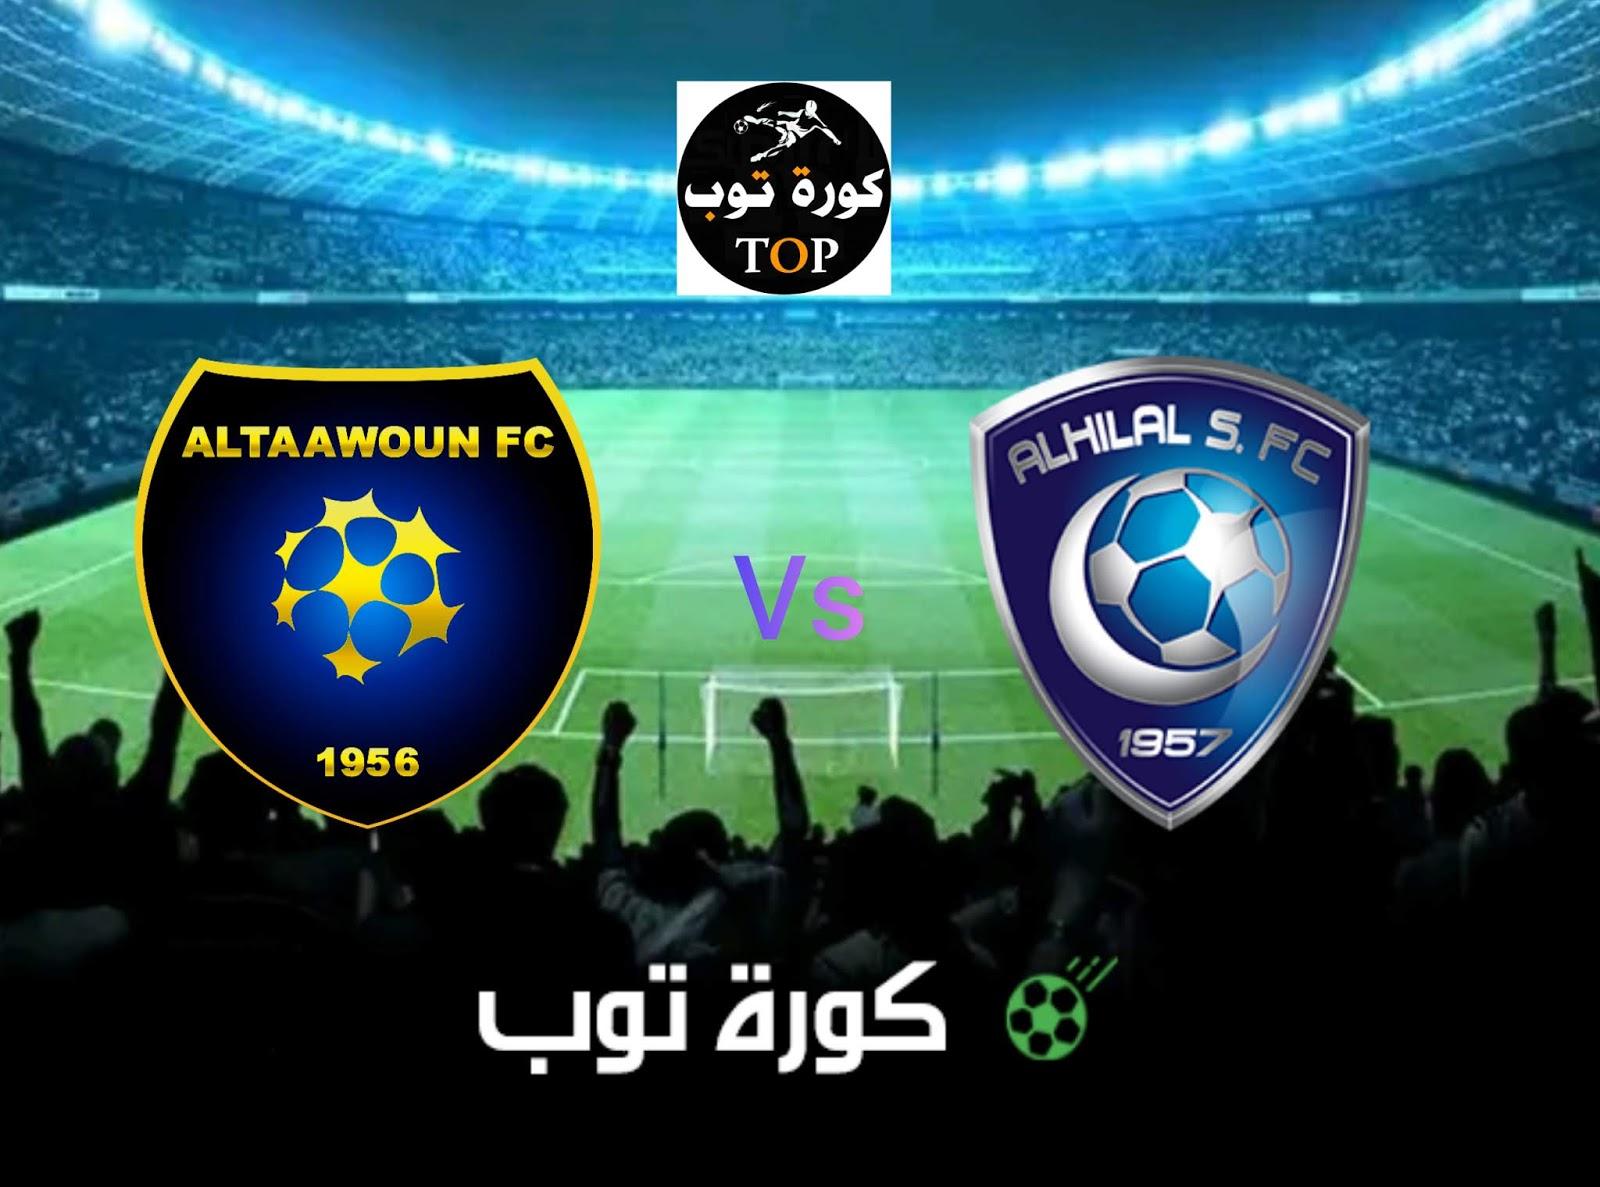 مشاهدة مباراة الهلال والتعاون بث مباشر اليوم 26 9 2019 في الدوري